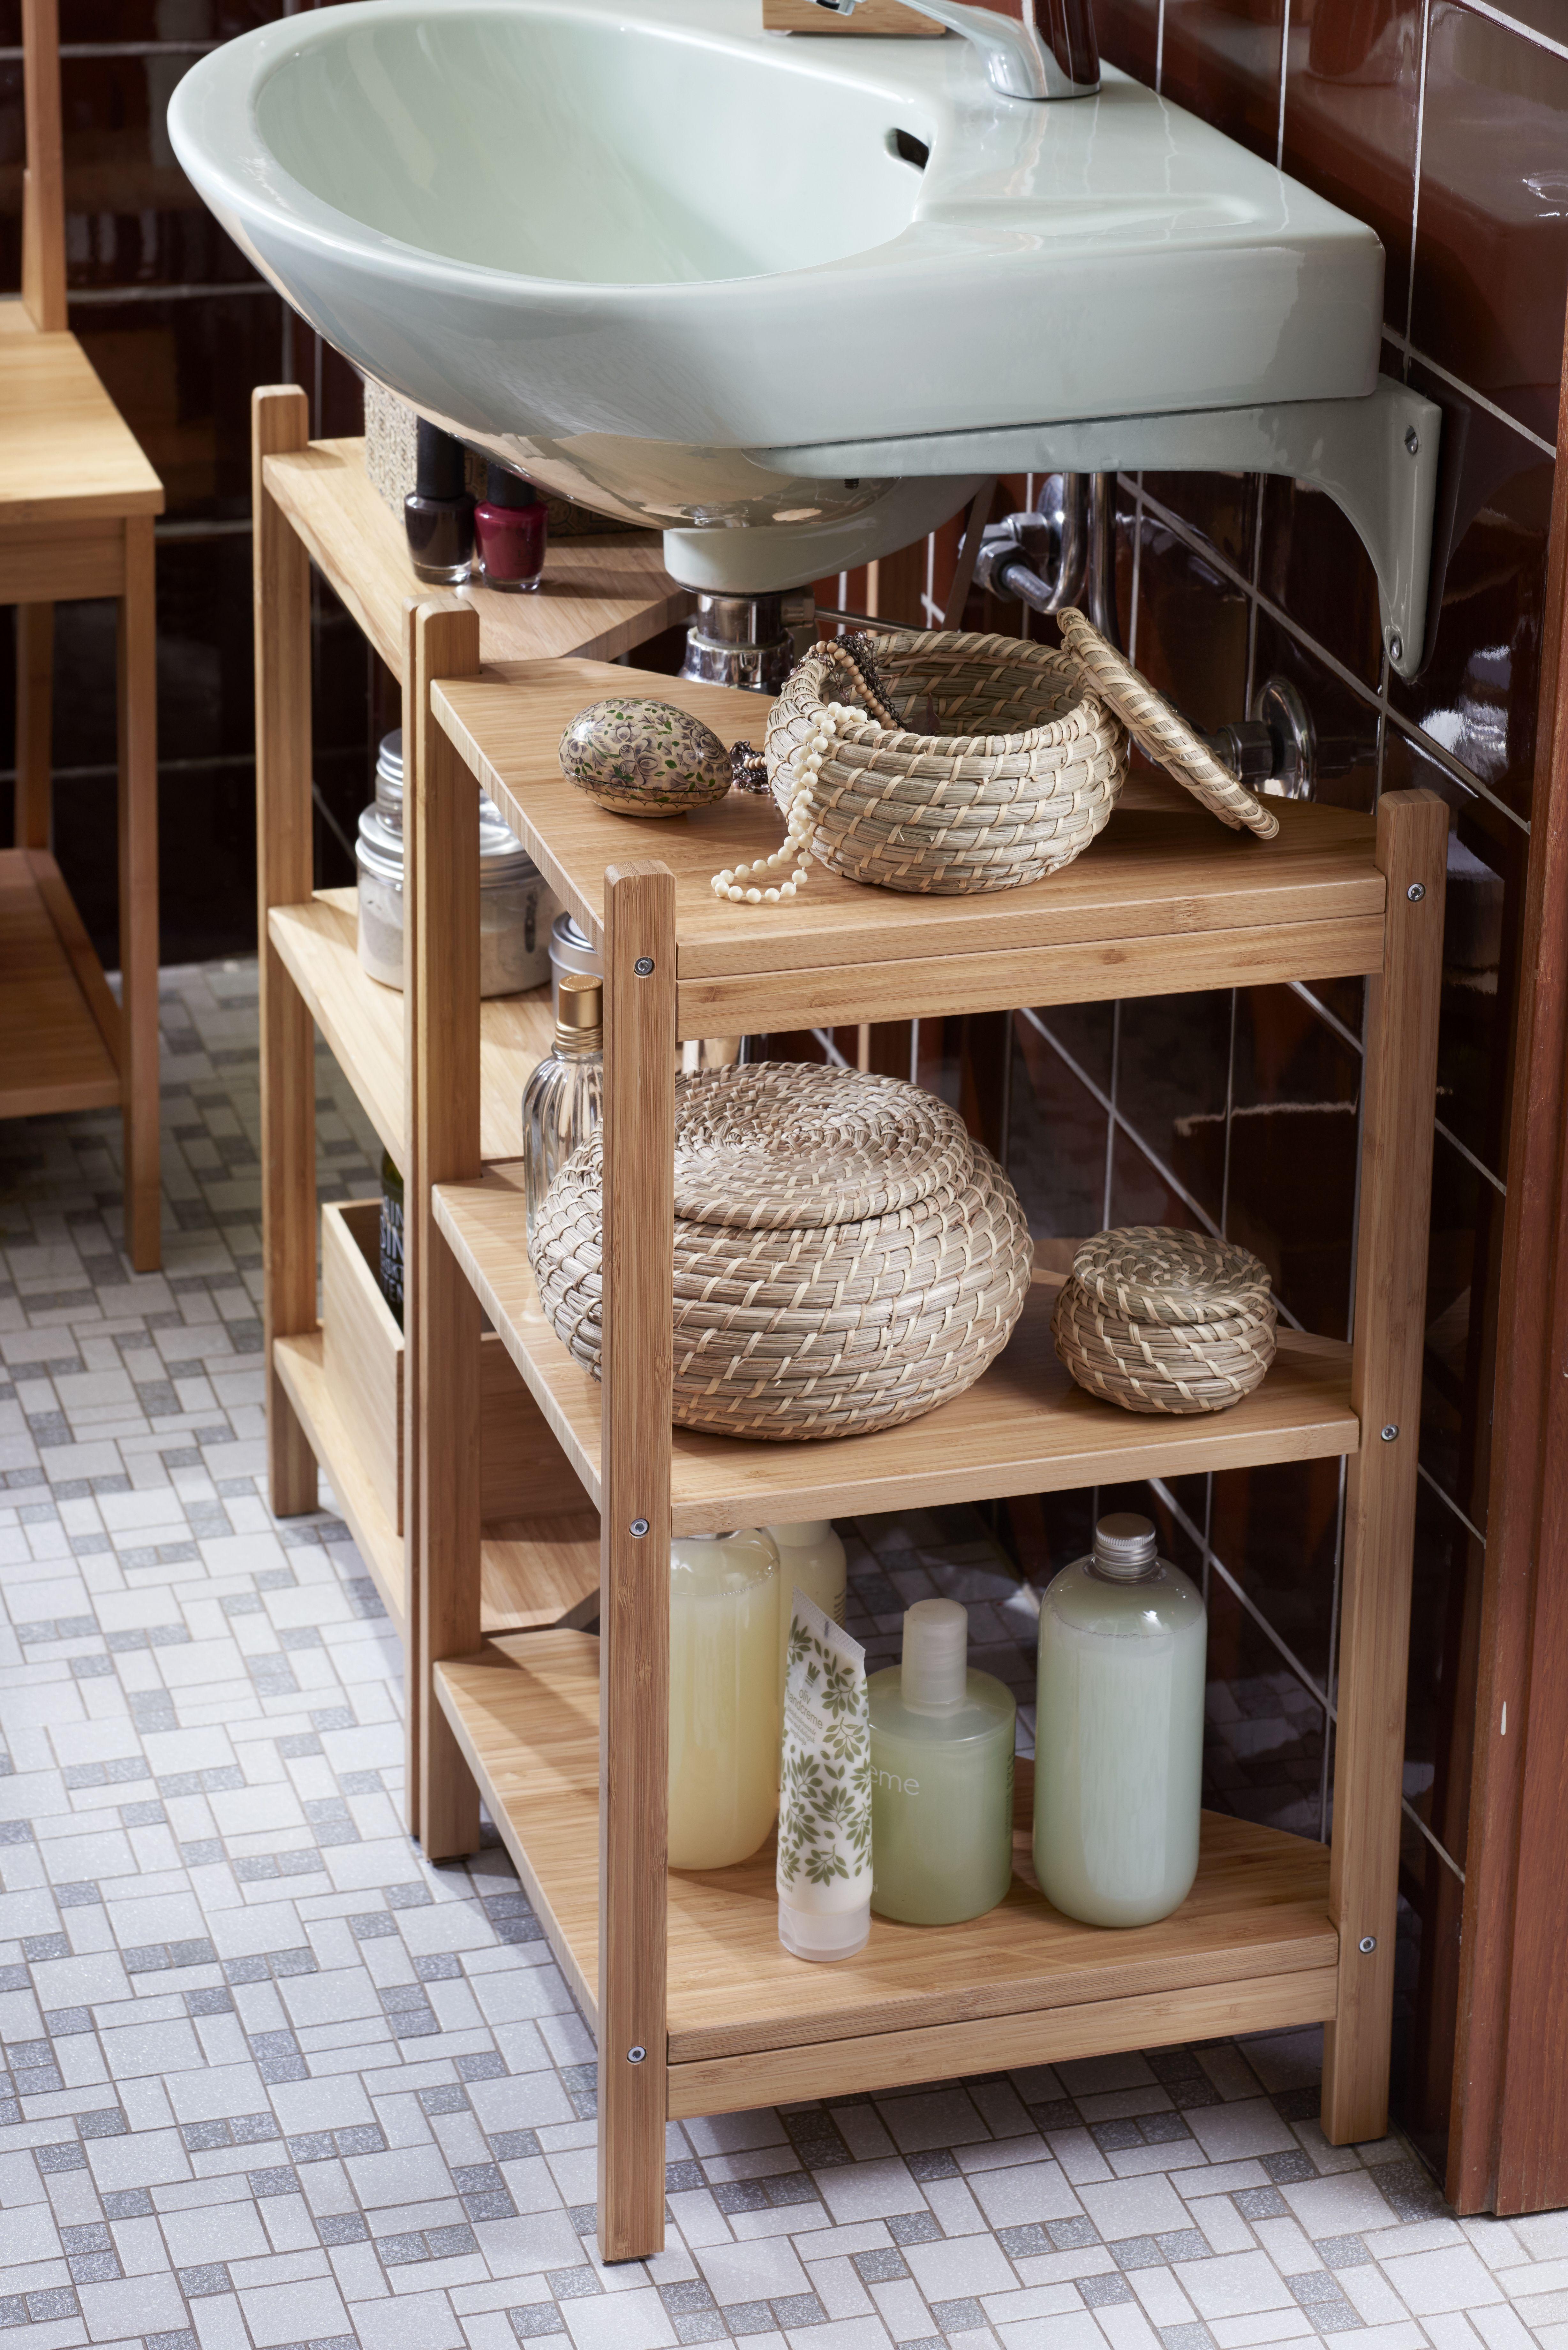 finden was du brauchst bathroomlaundry ikea deutschland um den platz unter dem waschbecken room storage diy bathroom sink storage bathroom organization diy